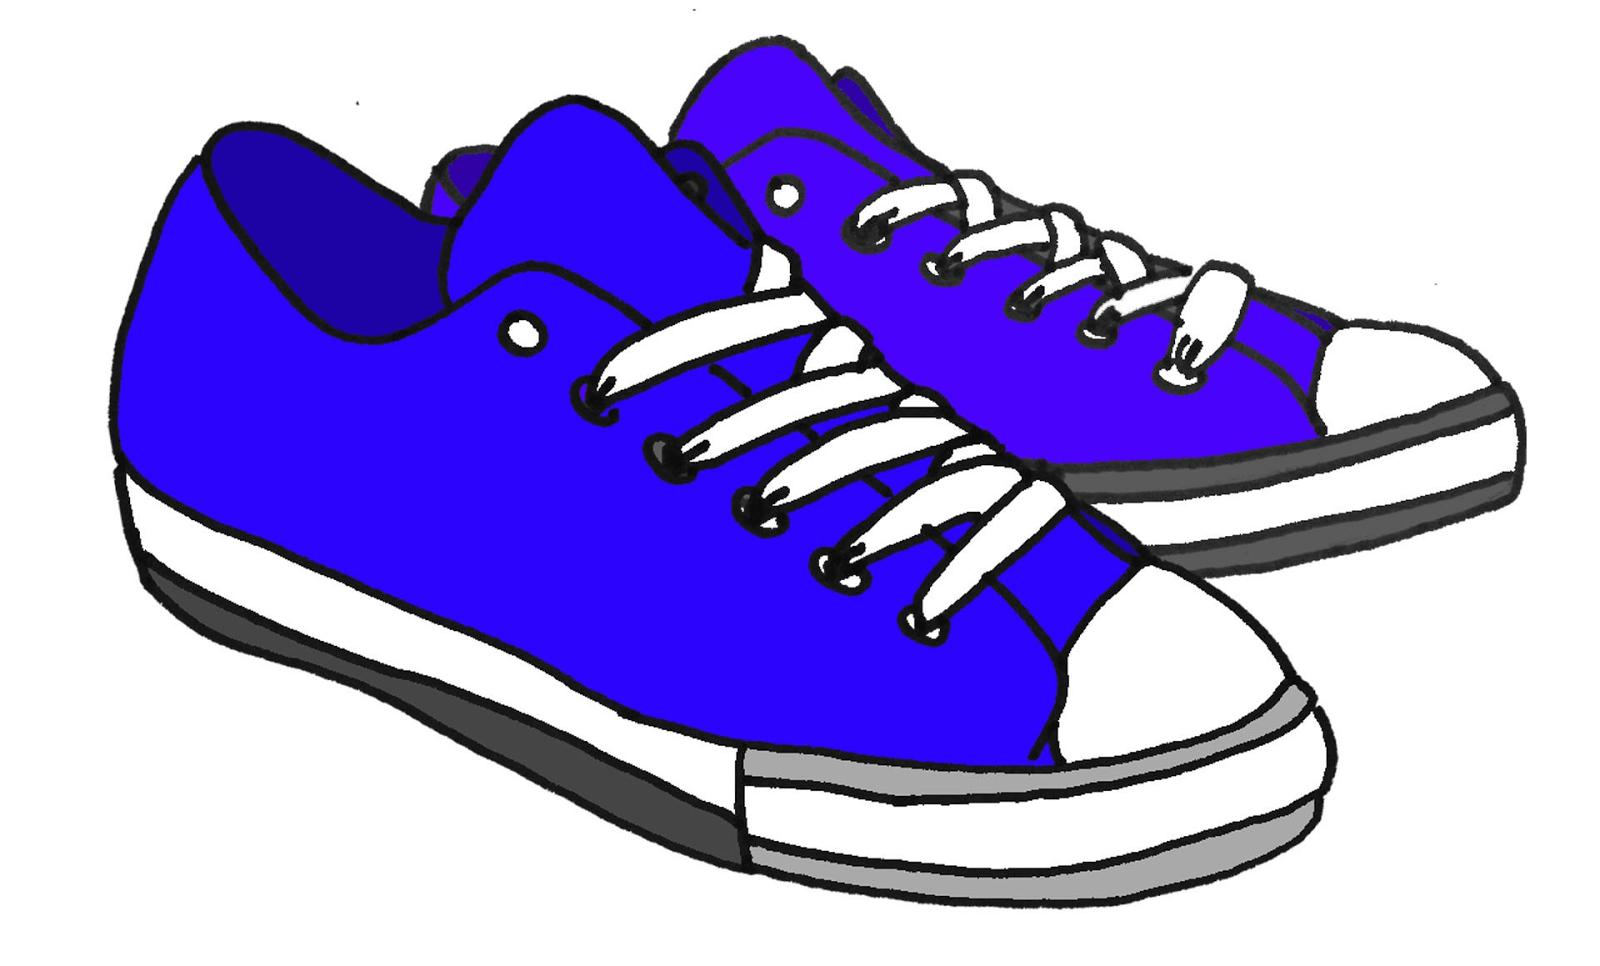 Shoe Clipart 3-Shoe clipart 3-8